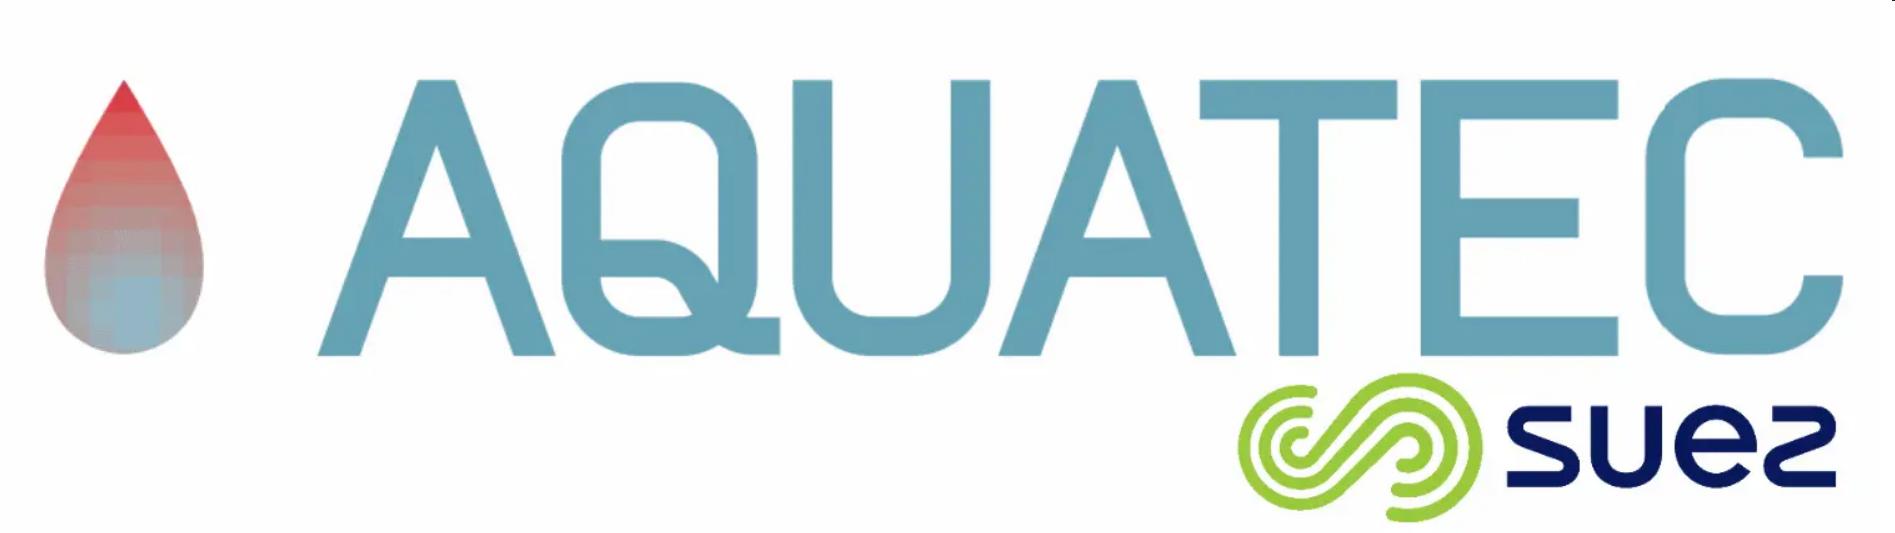 Aquatec, Proyectos para el sector del agua, S.A.